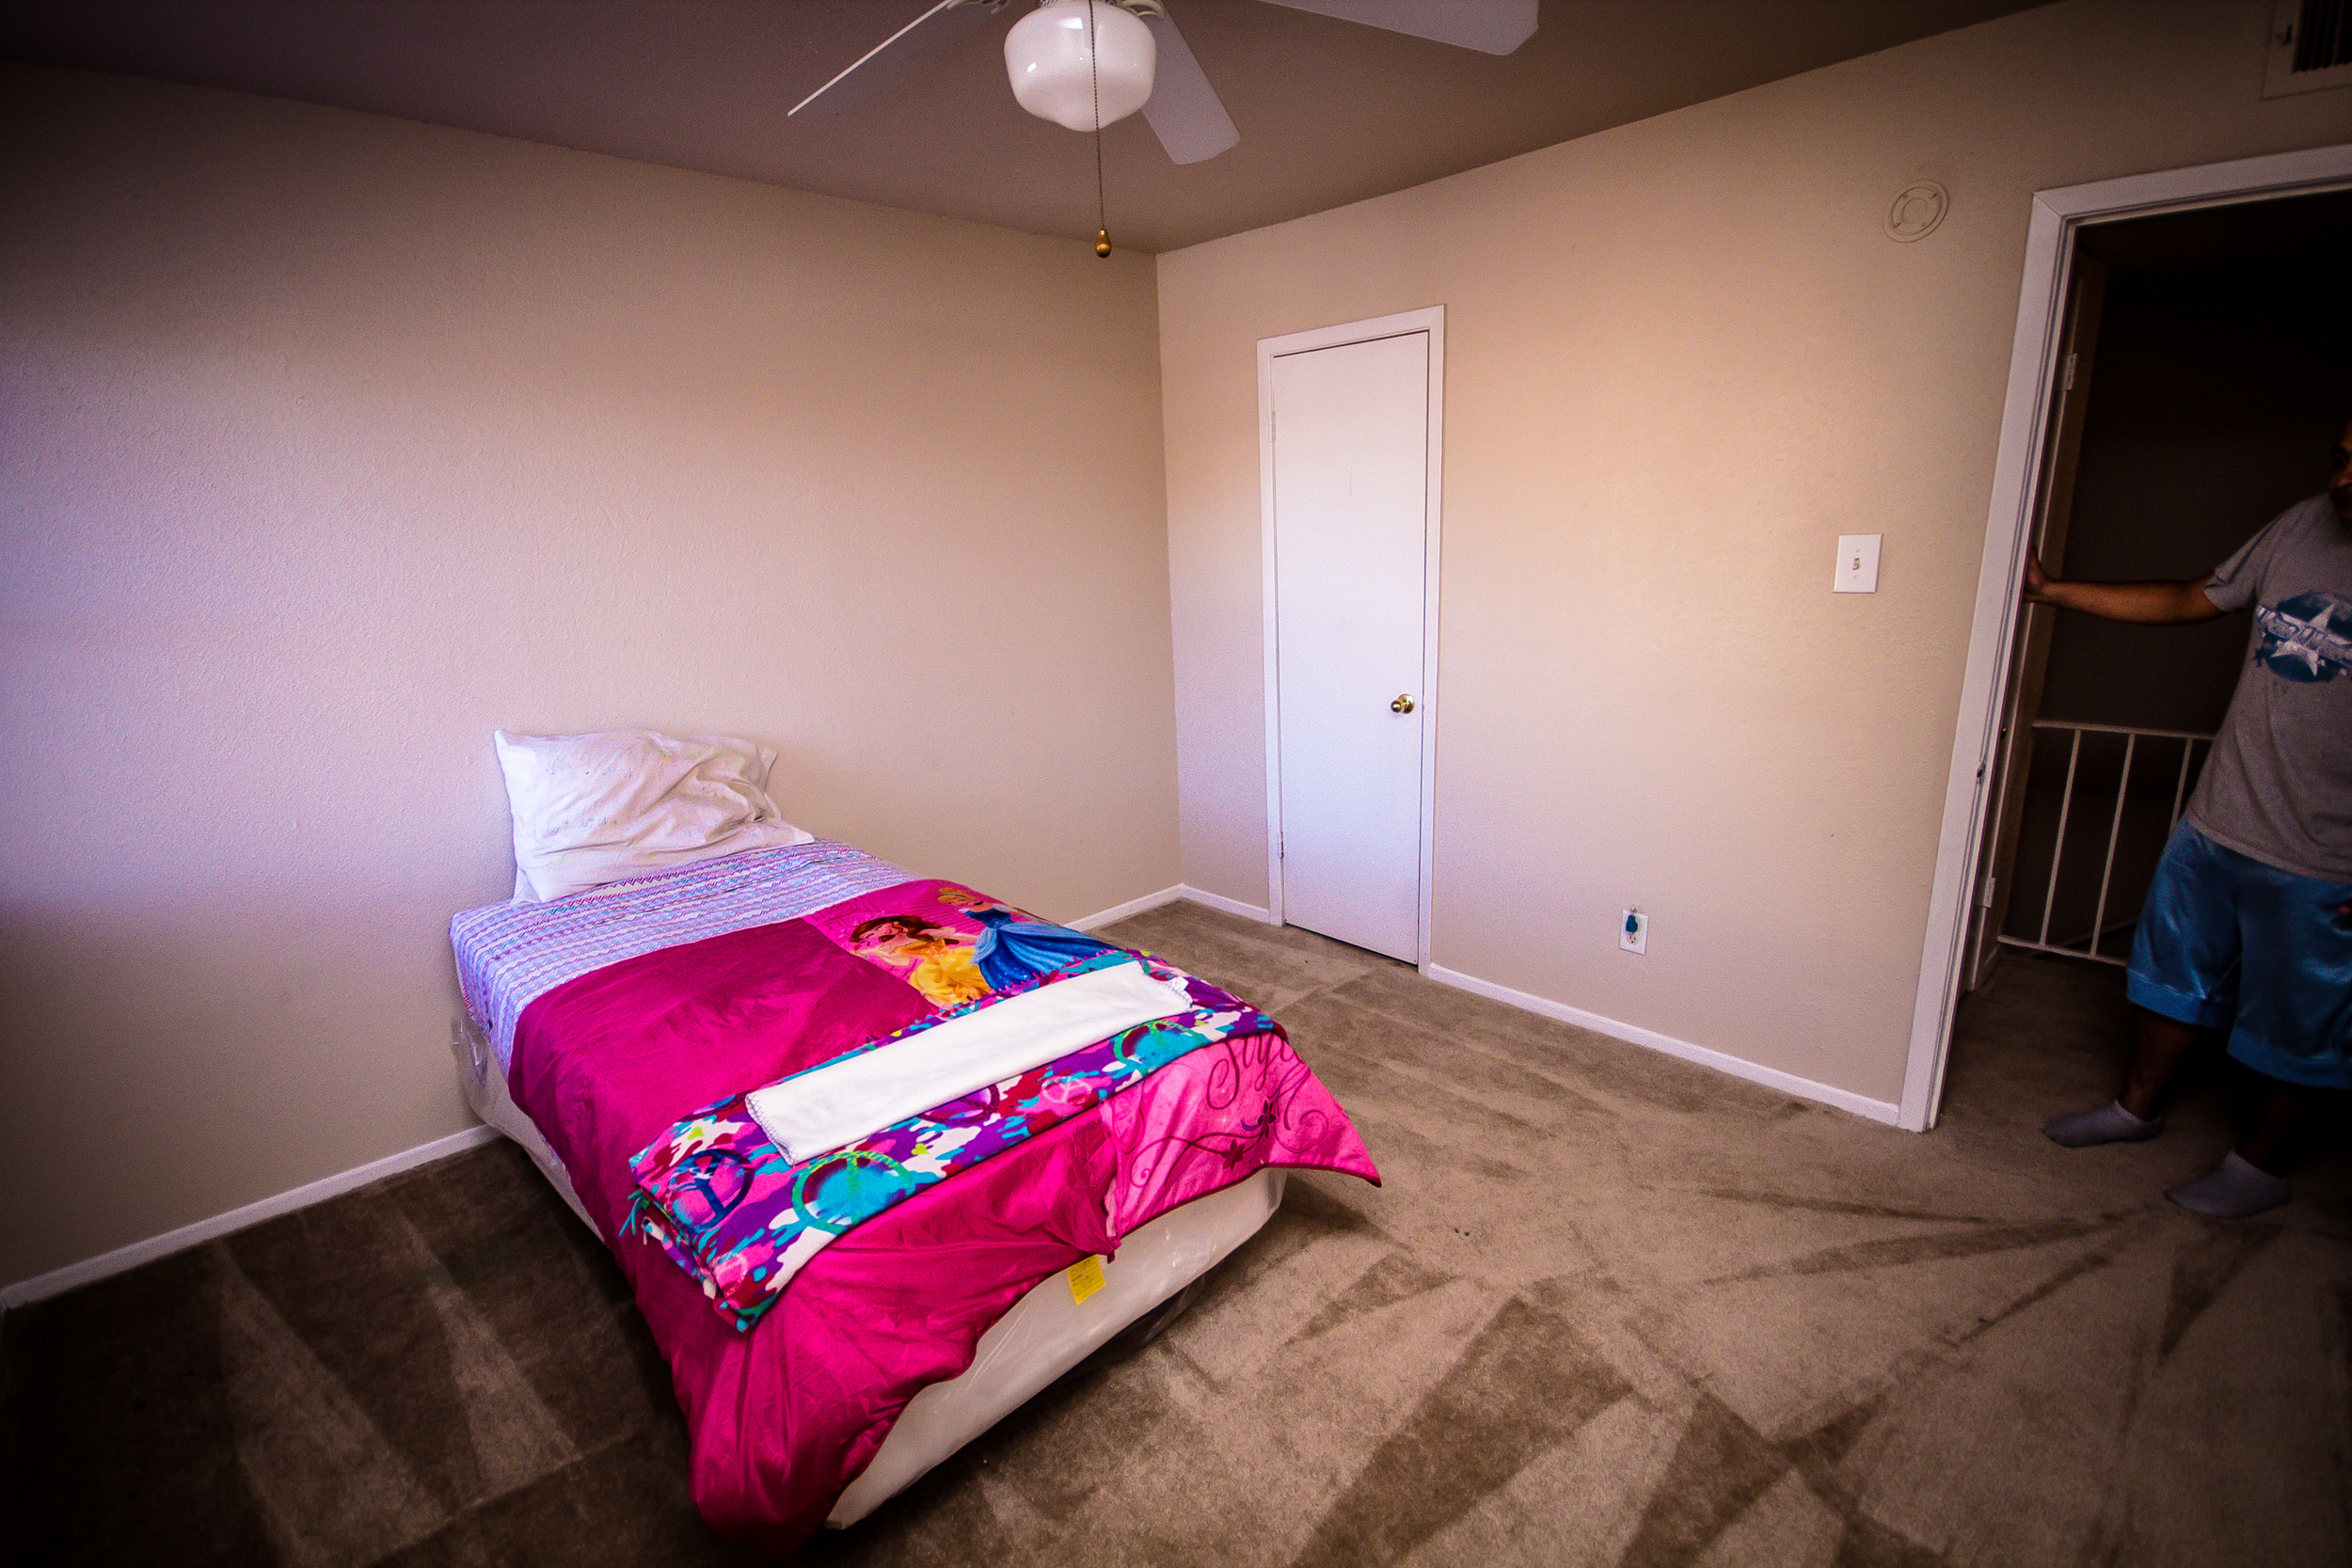 Faith's Room - Before